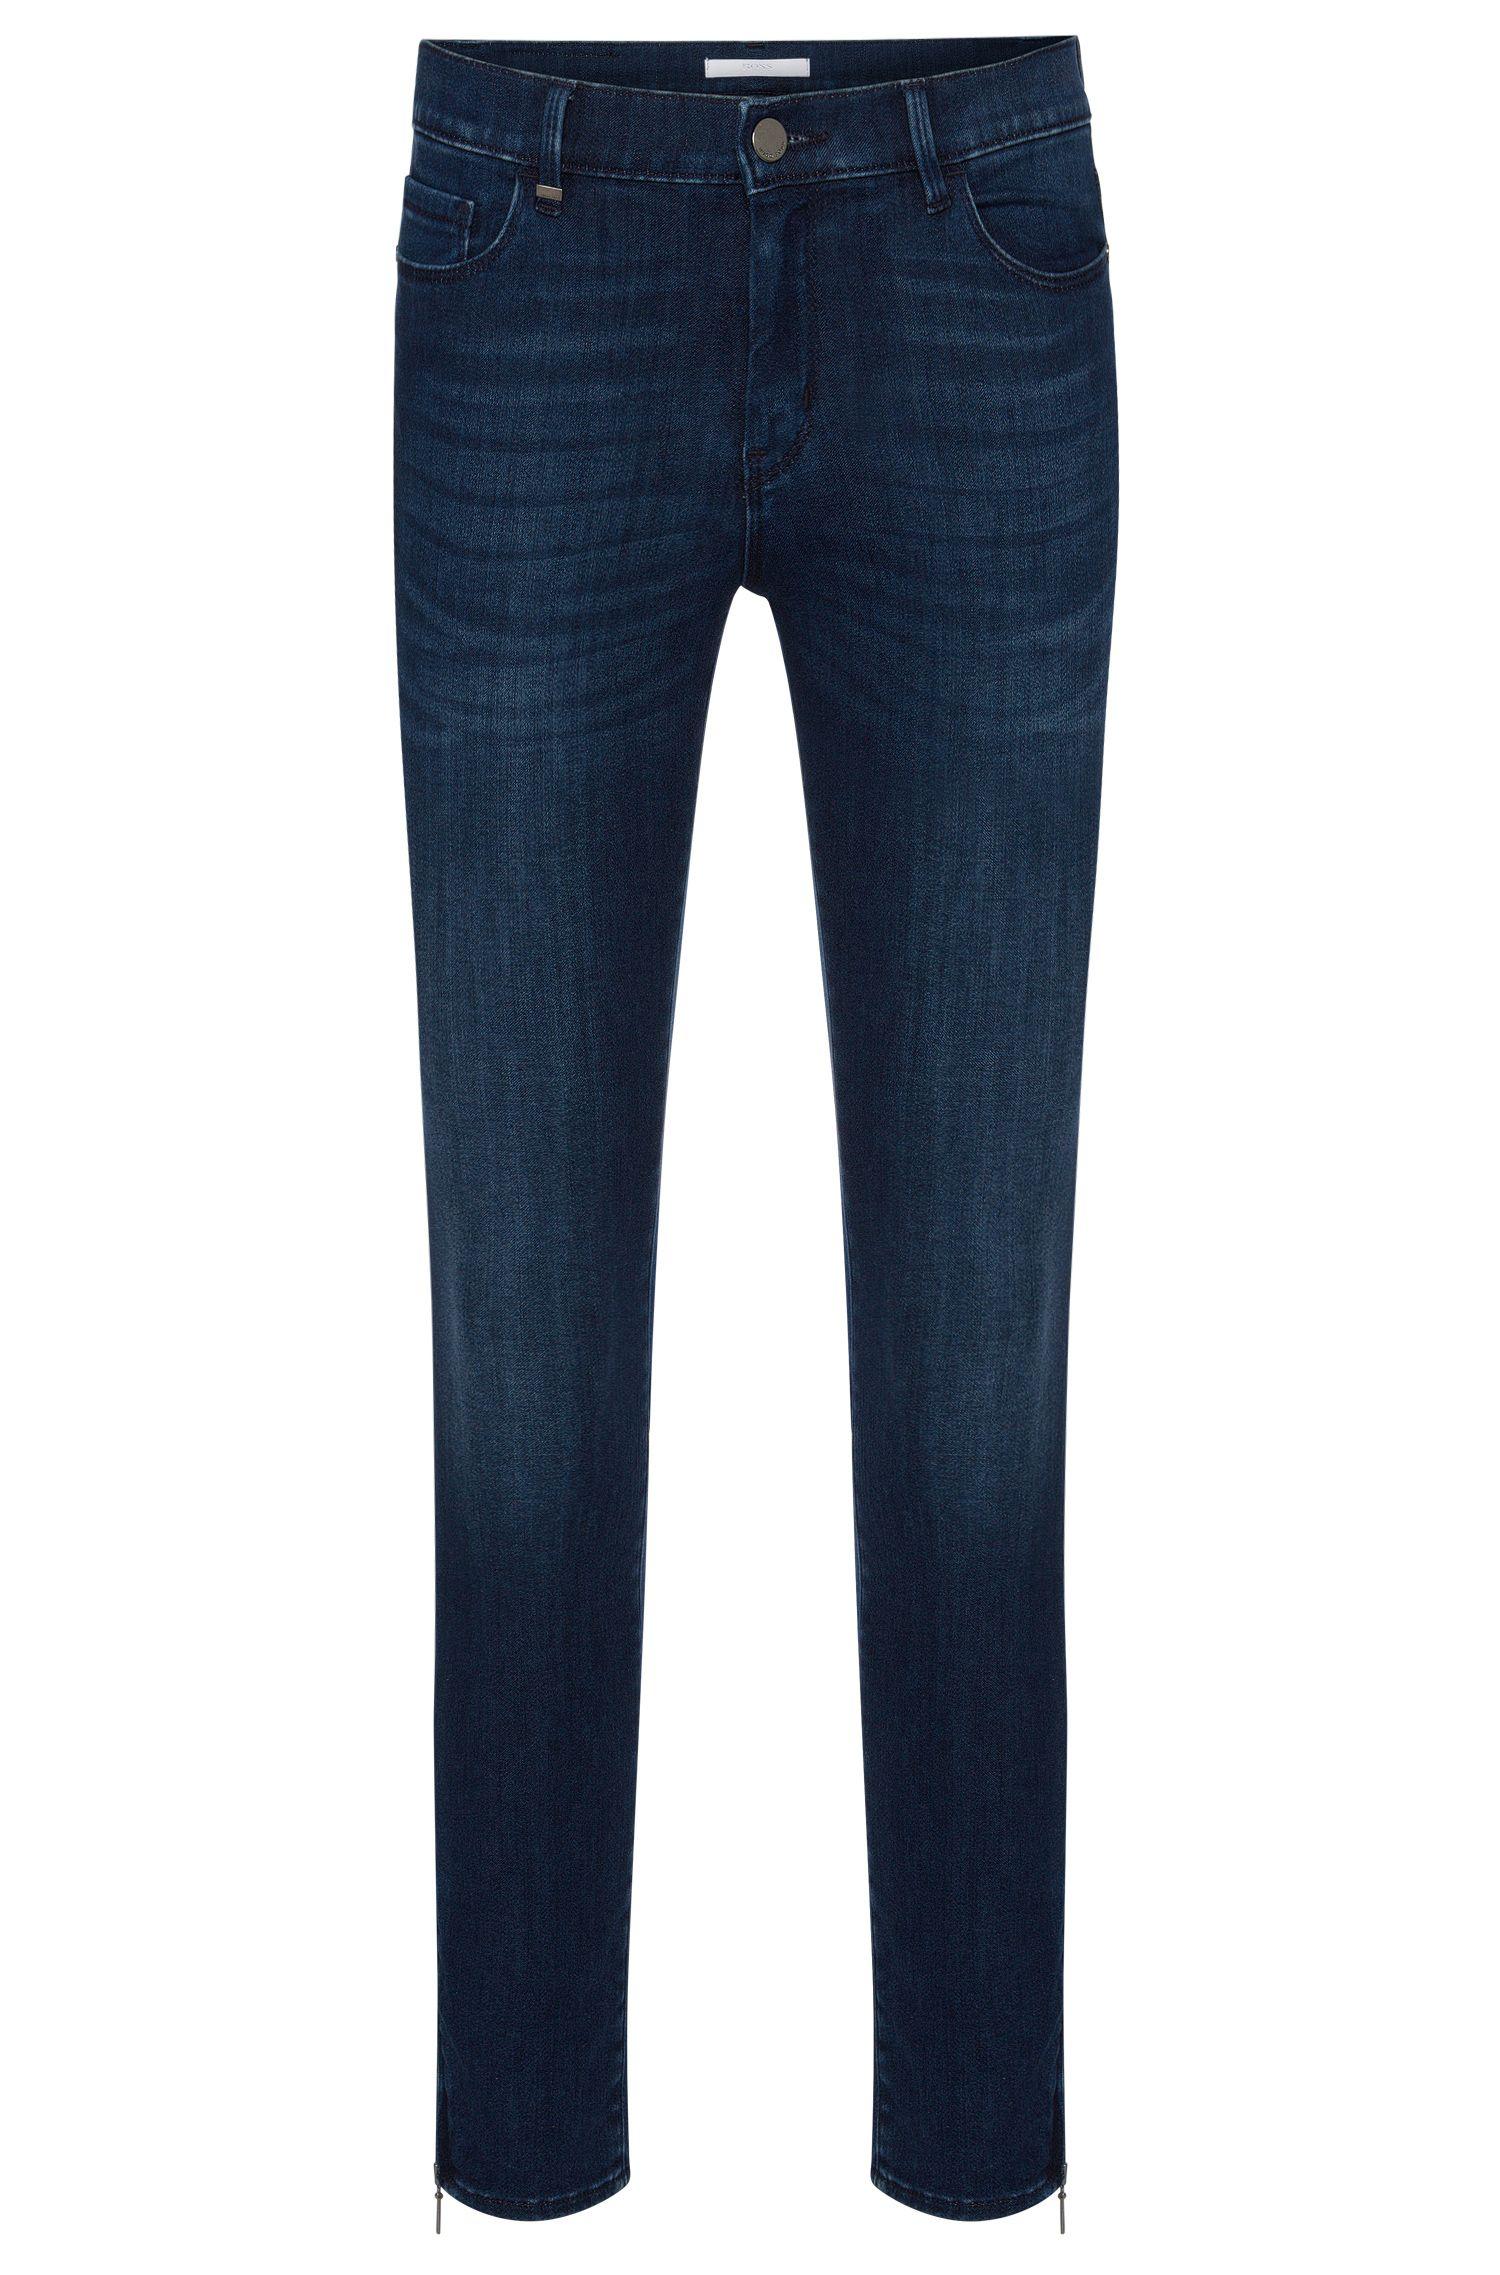 Slim-Fit Jeans aus elastischem Baumwoll-Mix mit Reißverschluss-Details: 'Nafice Zip'